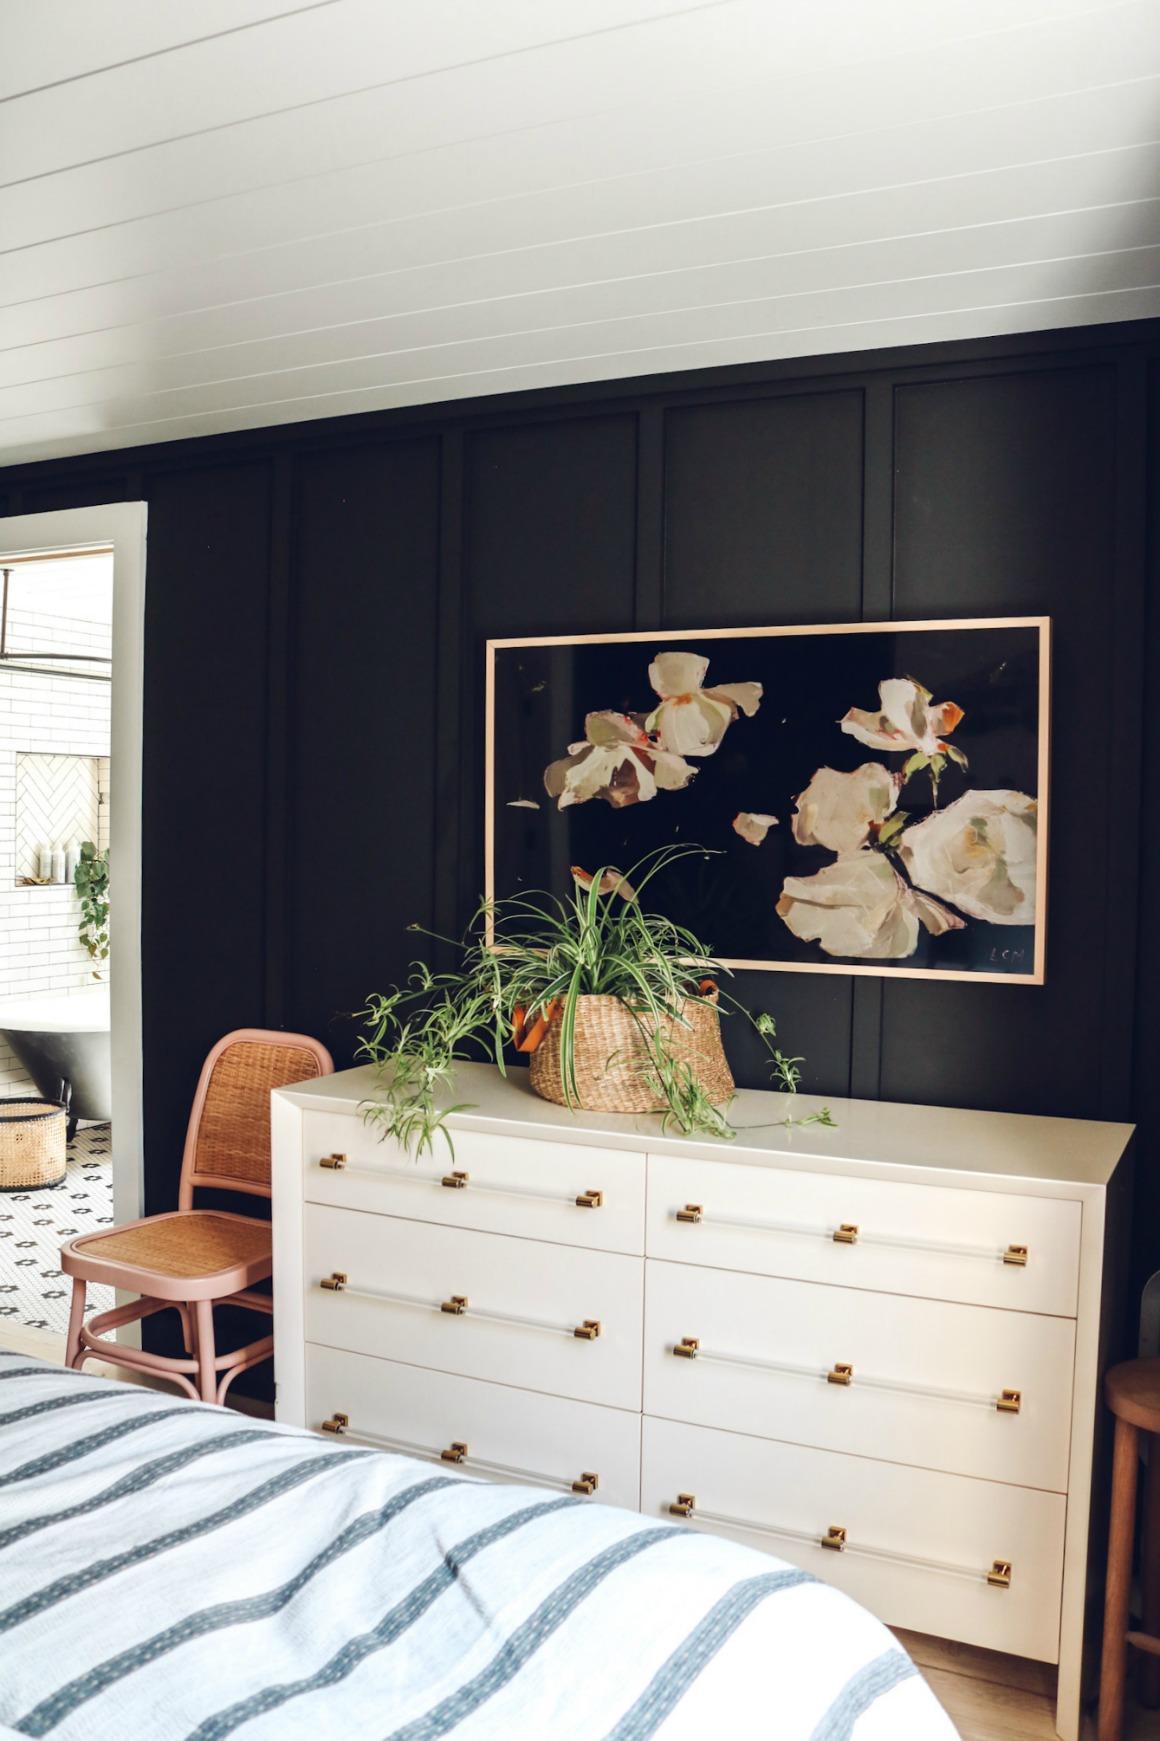 Cozy Master Bedroom with Black Walls